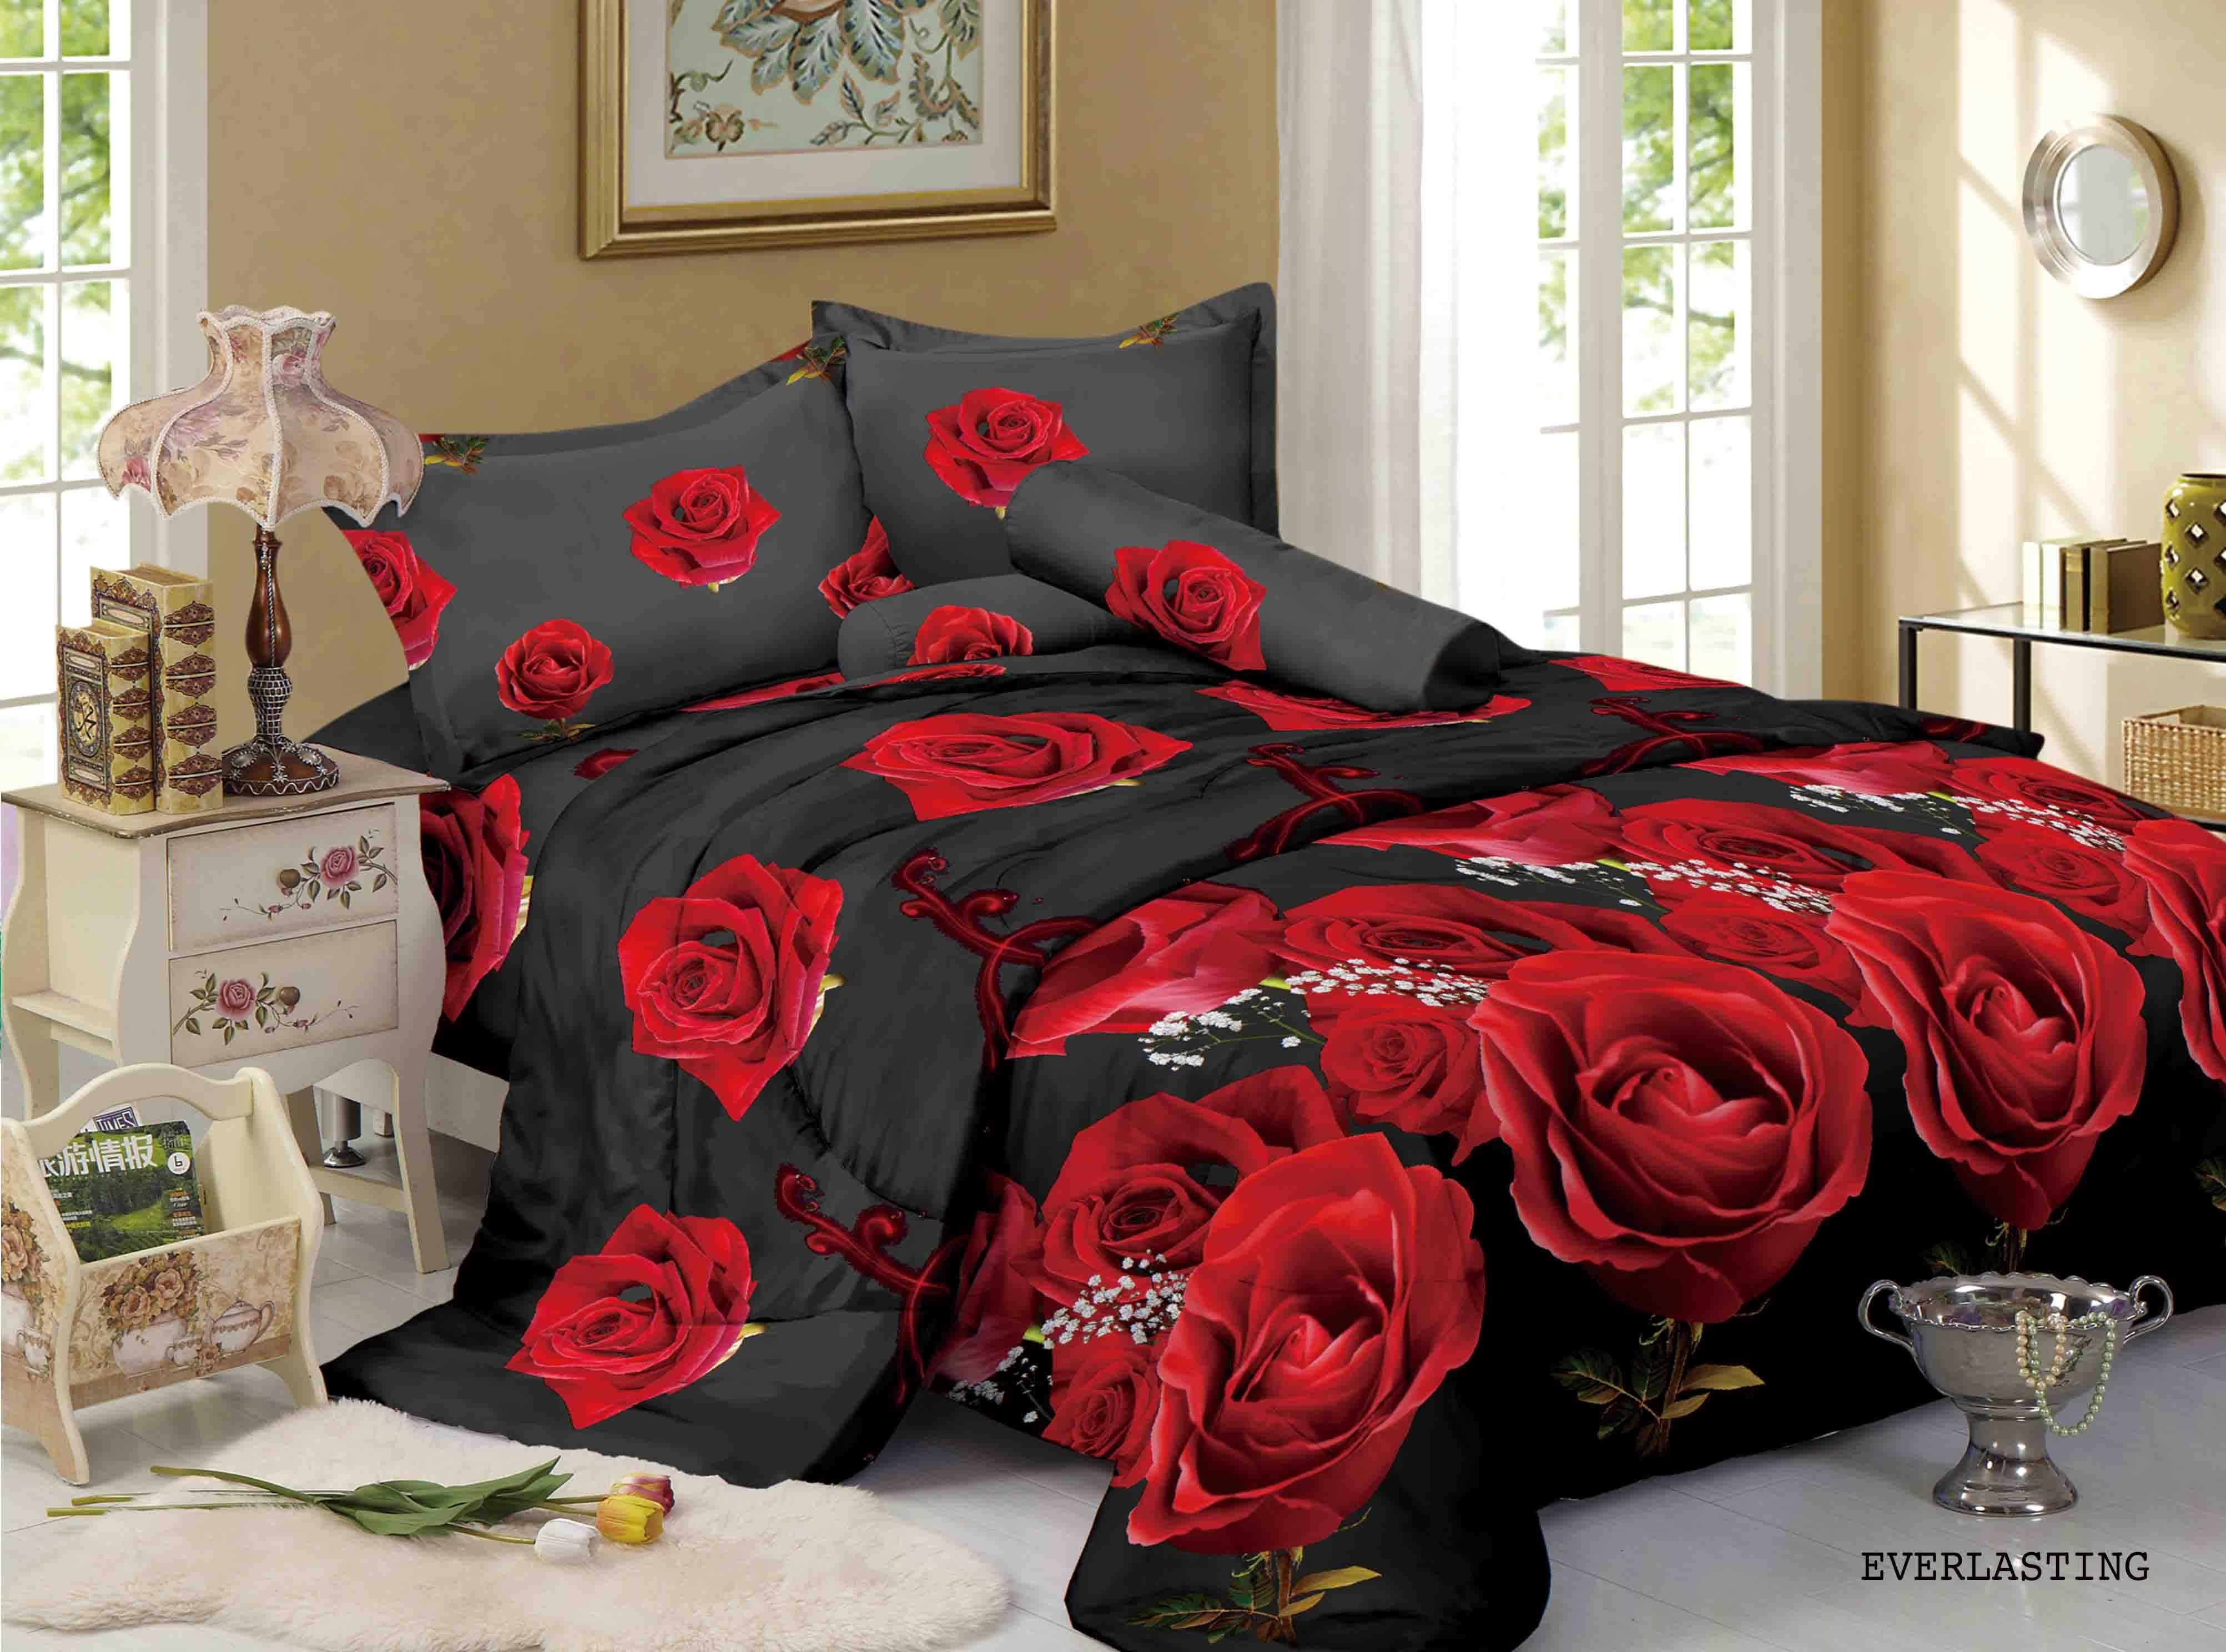 """Everlasting   """"mawar selalu berarti keindahan dan keabadian ..."""